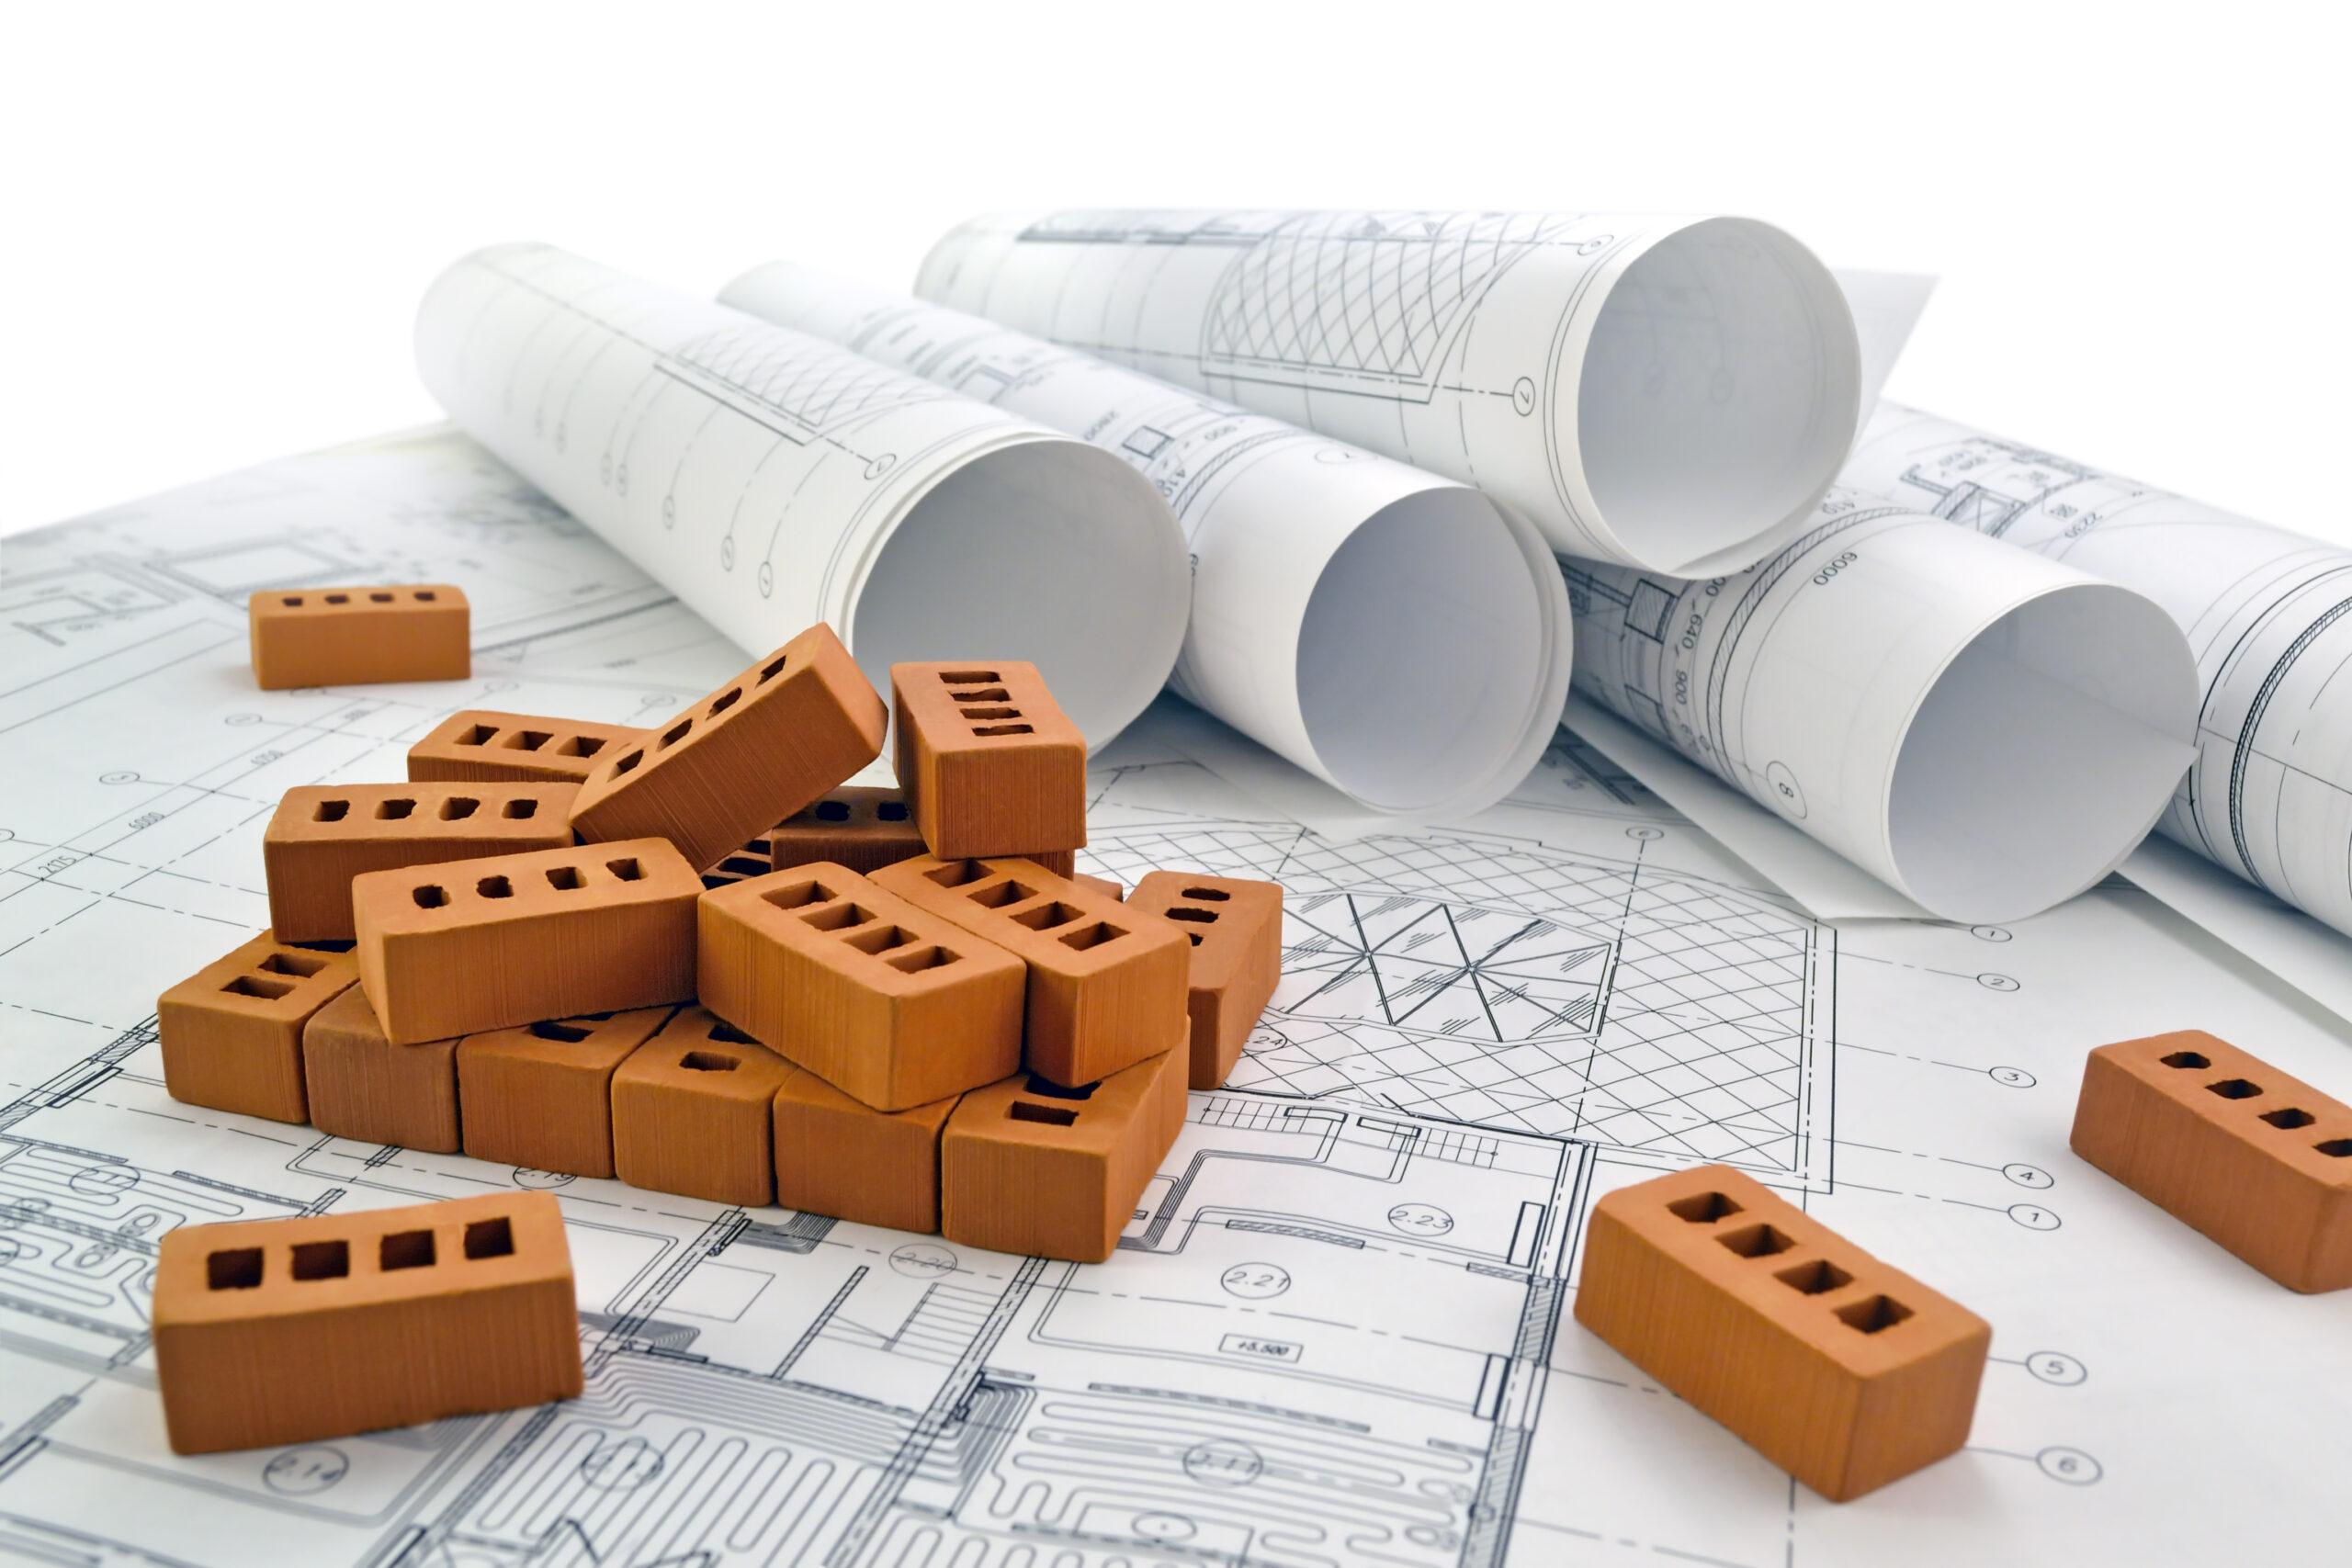 法令遵守は必須に!建築基準法違反物件の末路